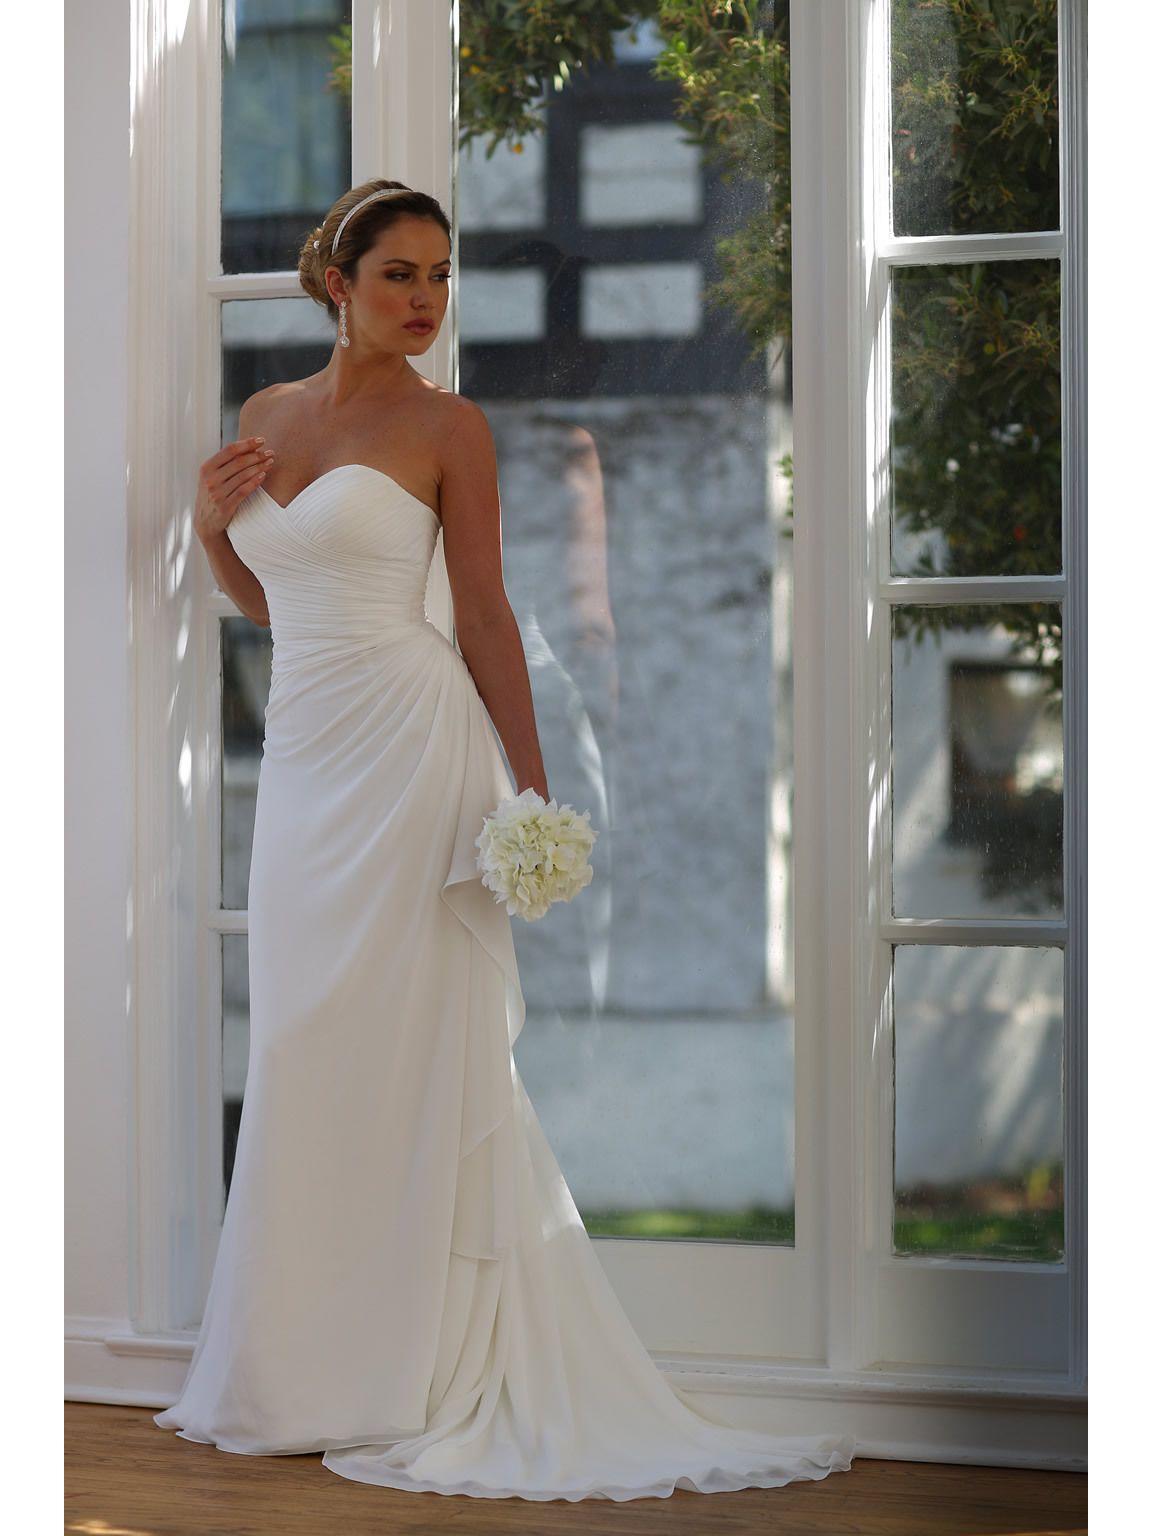 17++ Venus wedding dresses at4636 ideas in 2021